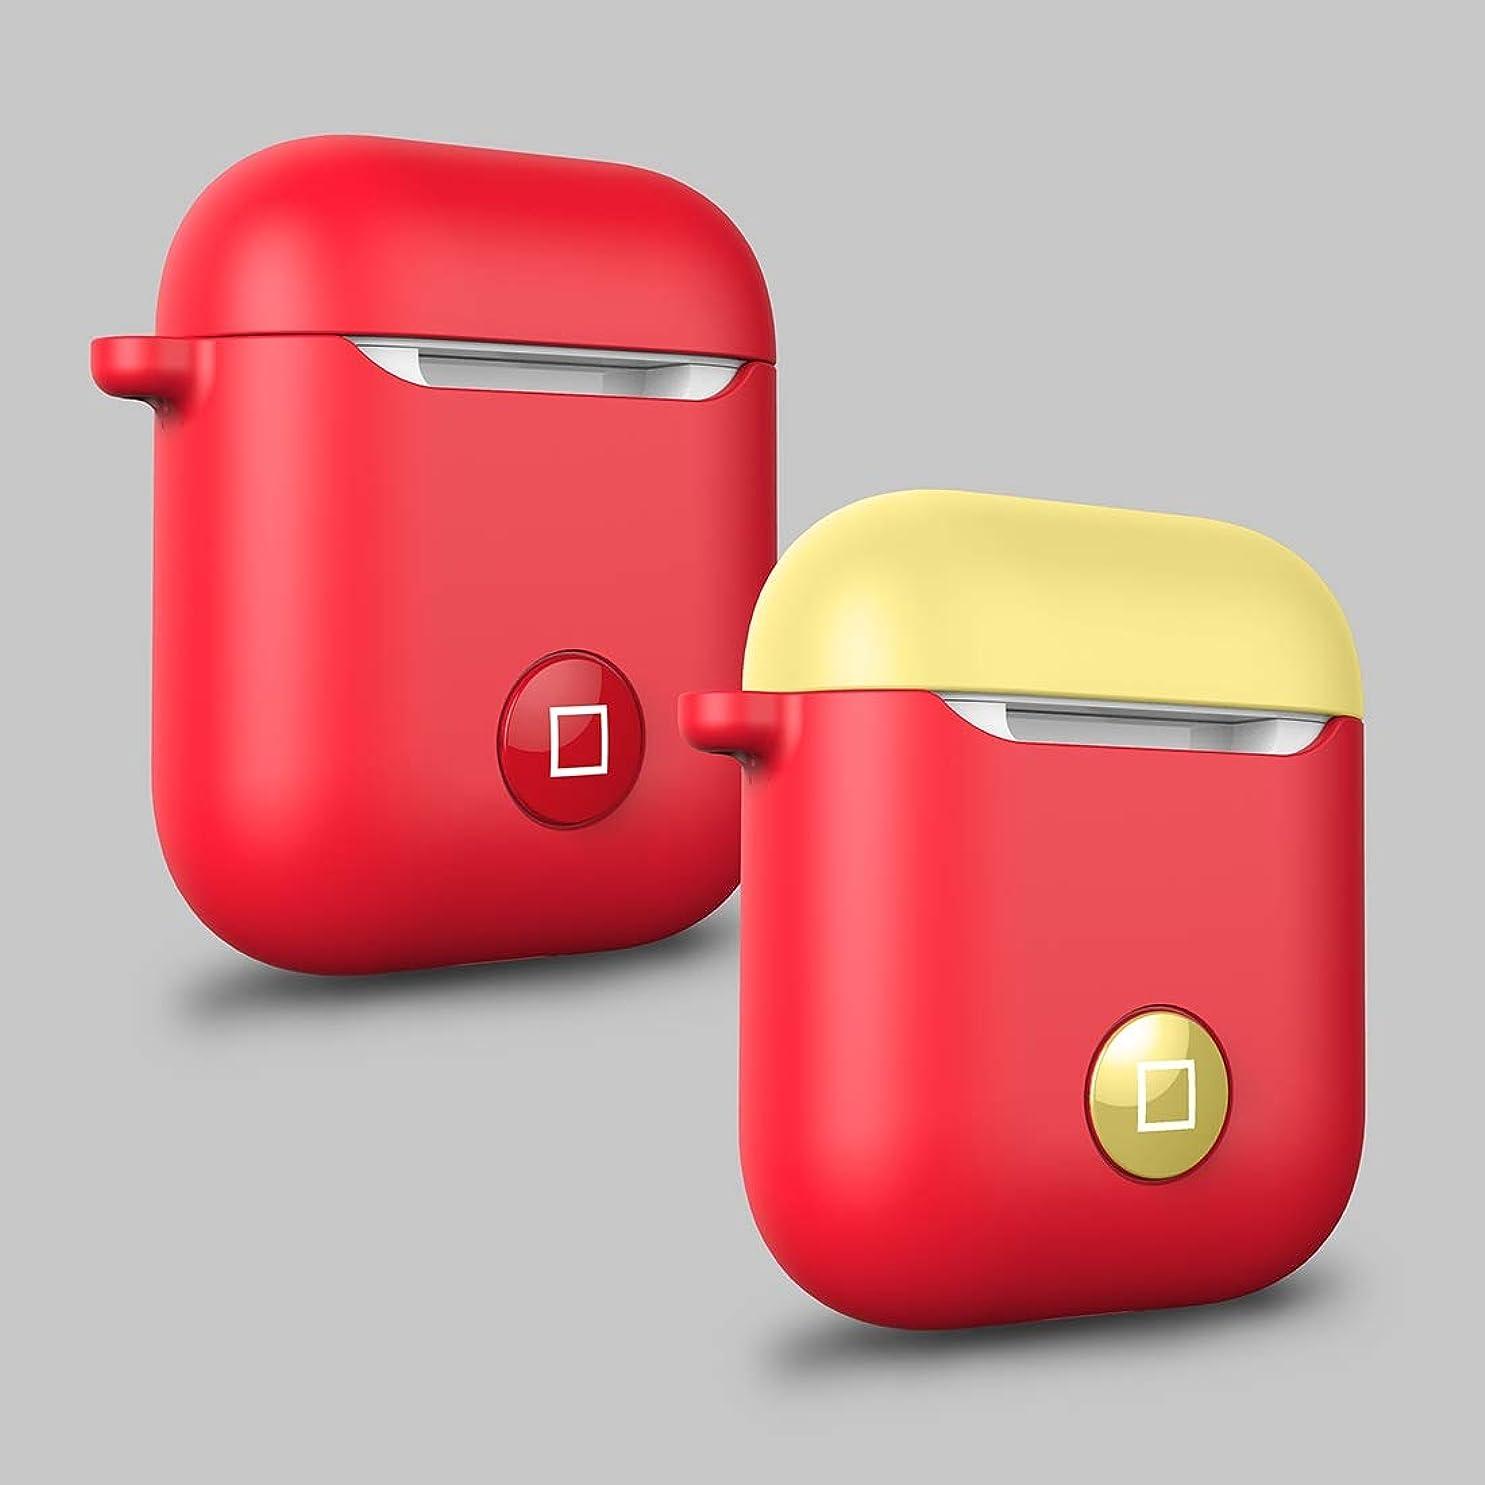 何故なの銀行ソロYWH ブルートゥースイヤホンケース Angibabe HX-0010-CMD Apple AirPods 1用落下防止ワイヤレスBluetoothイヤホンシリコン保護ケース(ブラックレッド) (色 : Red+Yellow)